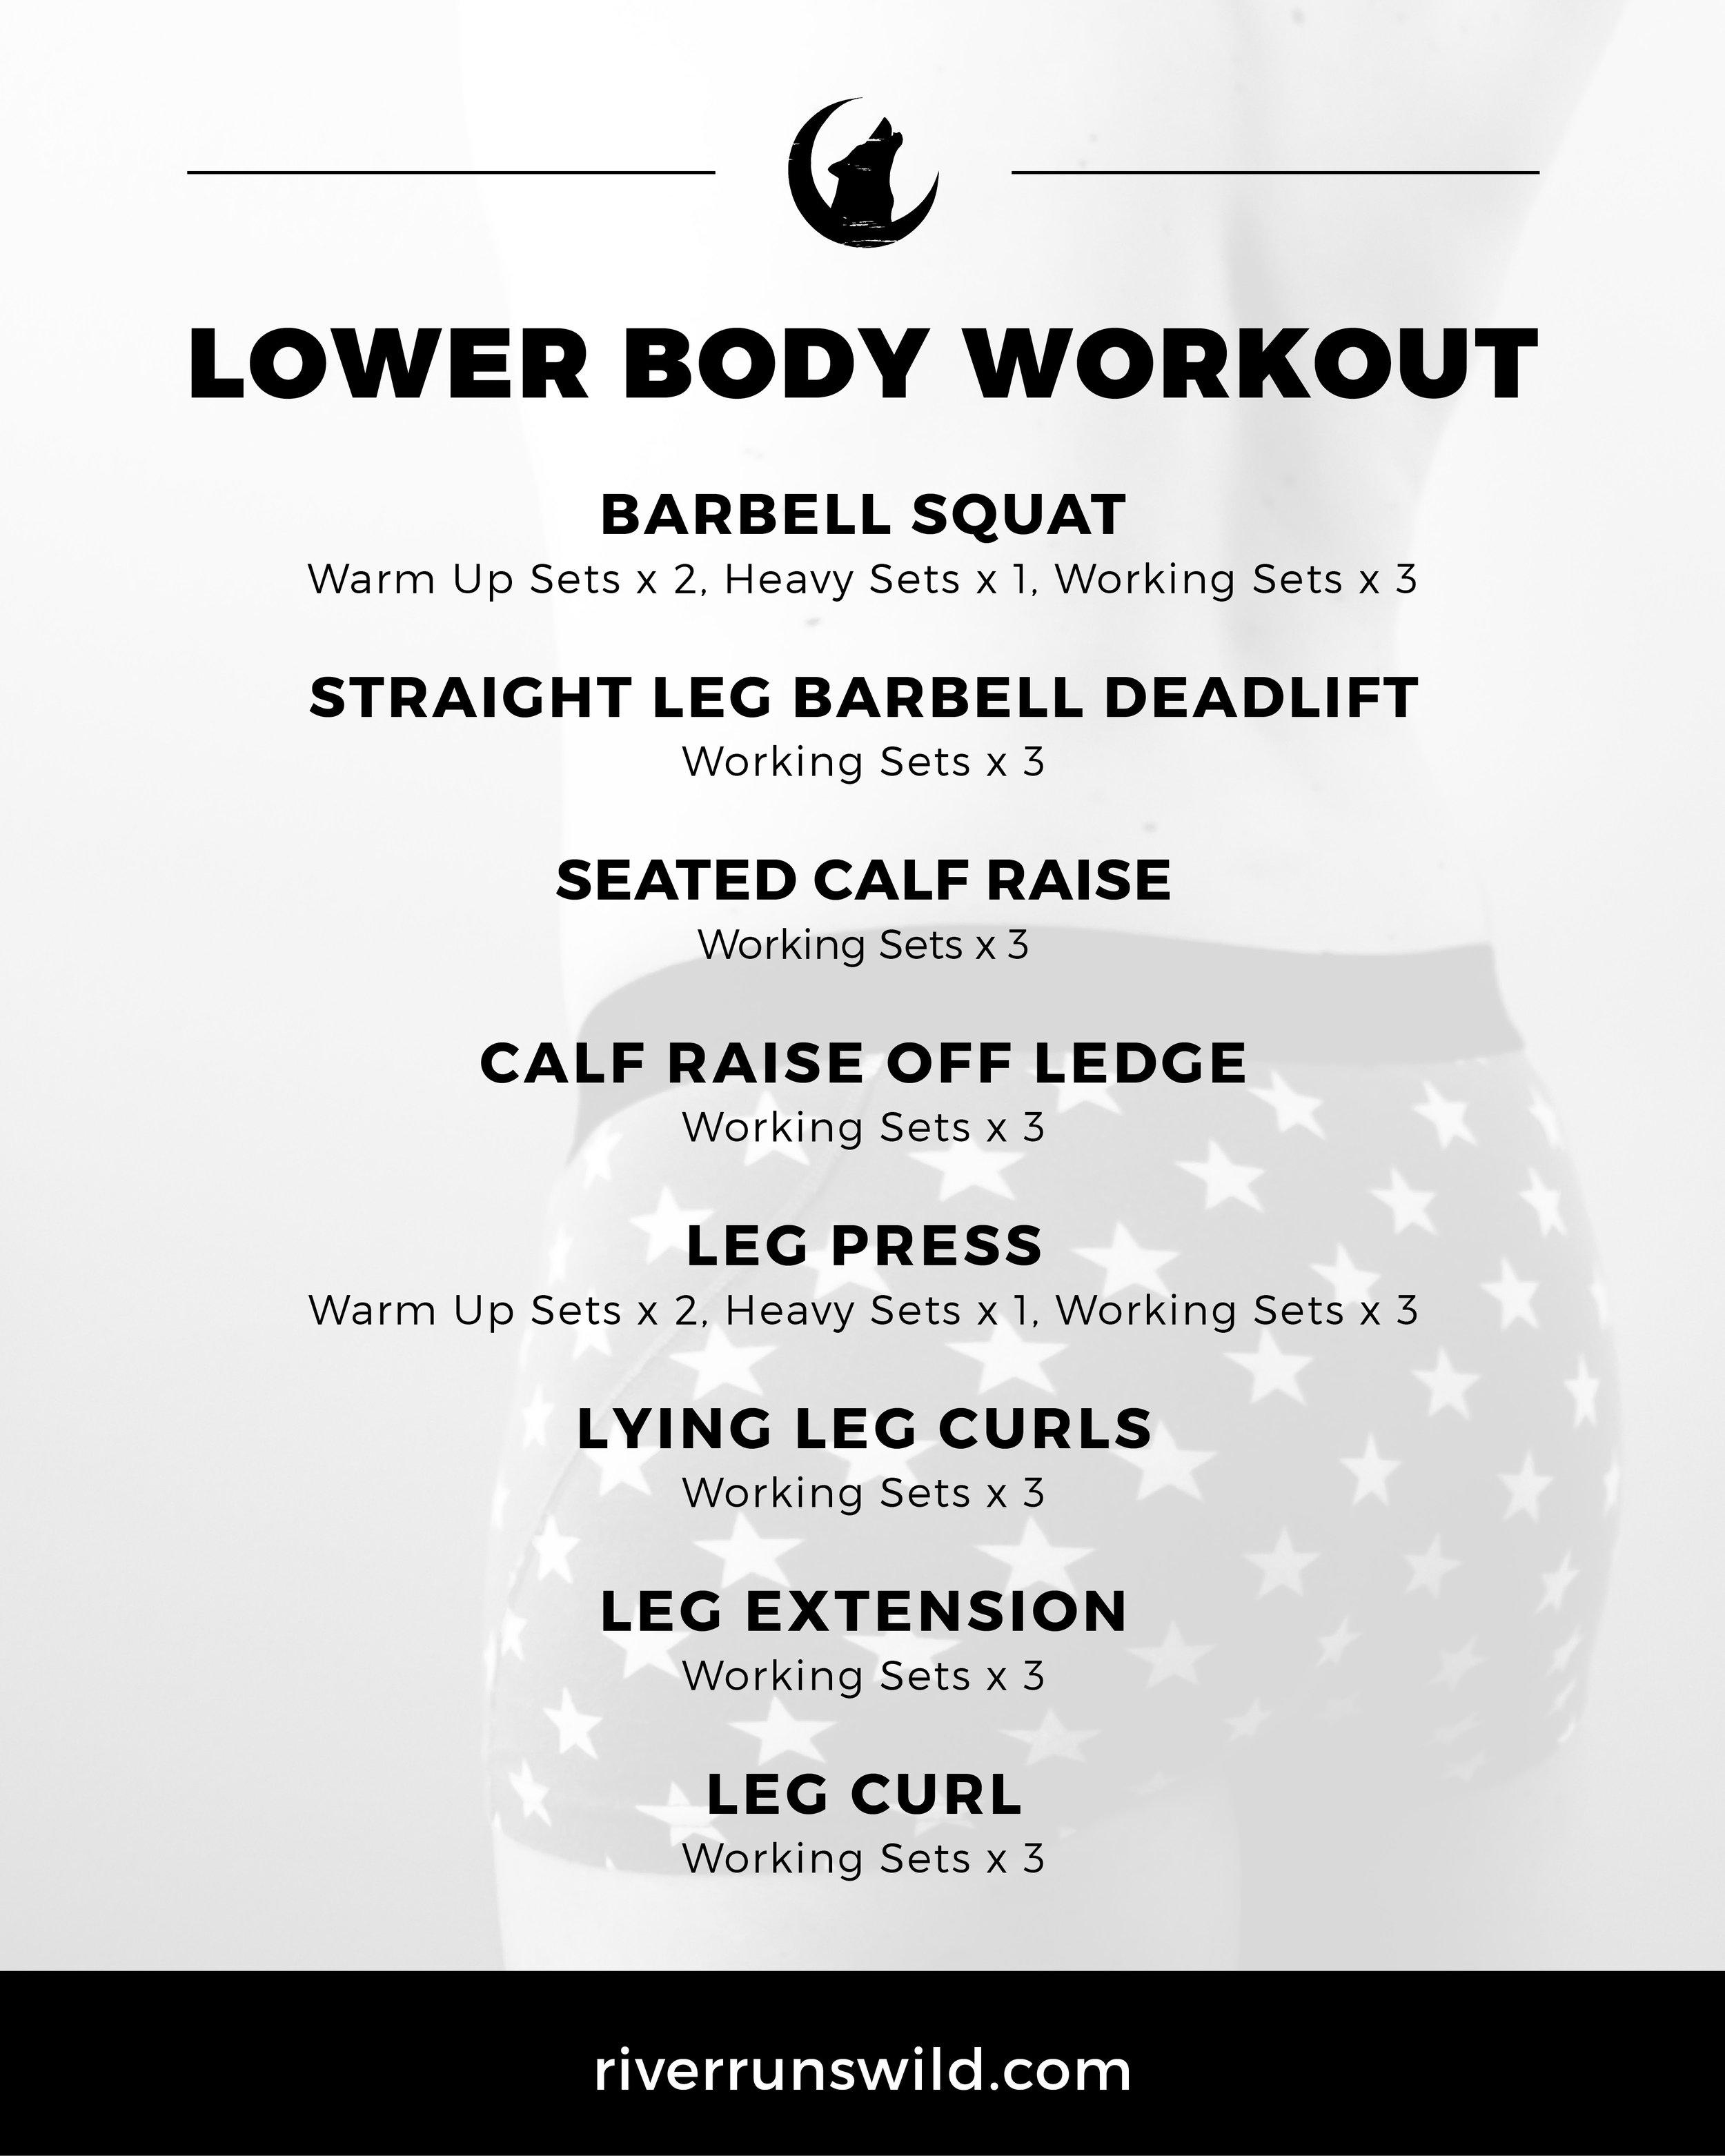 River-Runs-Wild-Blog-FTM-Fitness-Lower-Body-Workout-Training-Plan-Get-Big-Size-Mass-Strength-Butt-Legs-Glutes-Muscle.jpeg